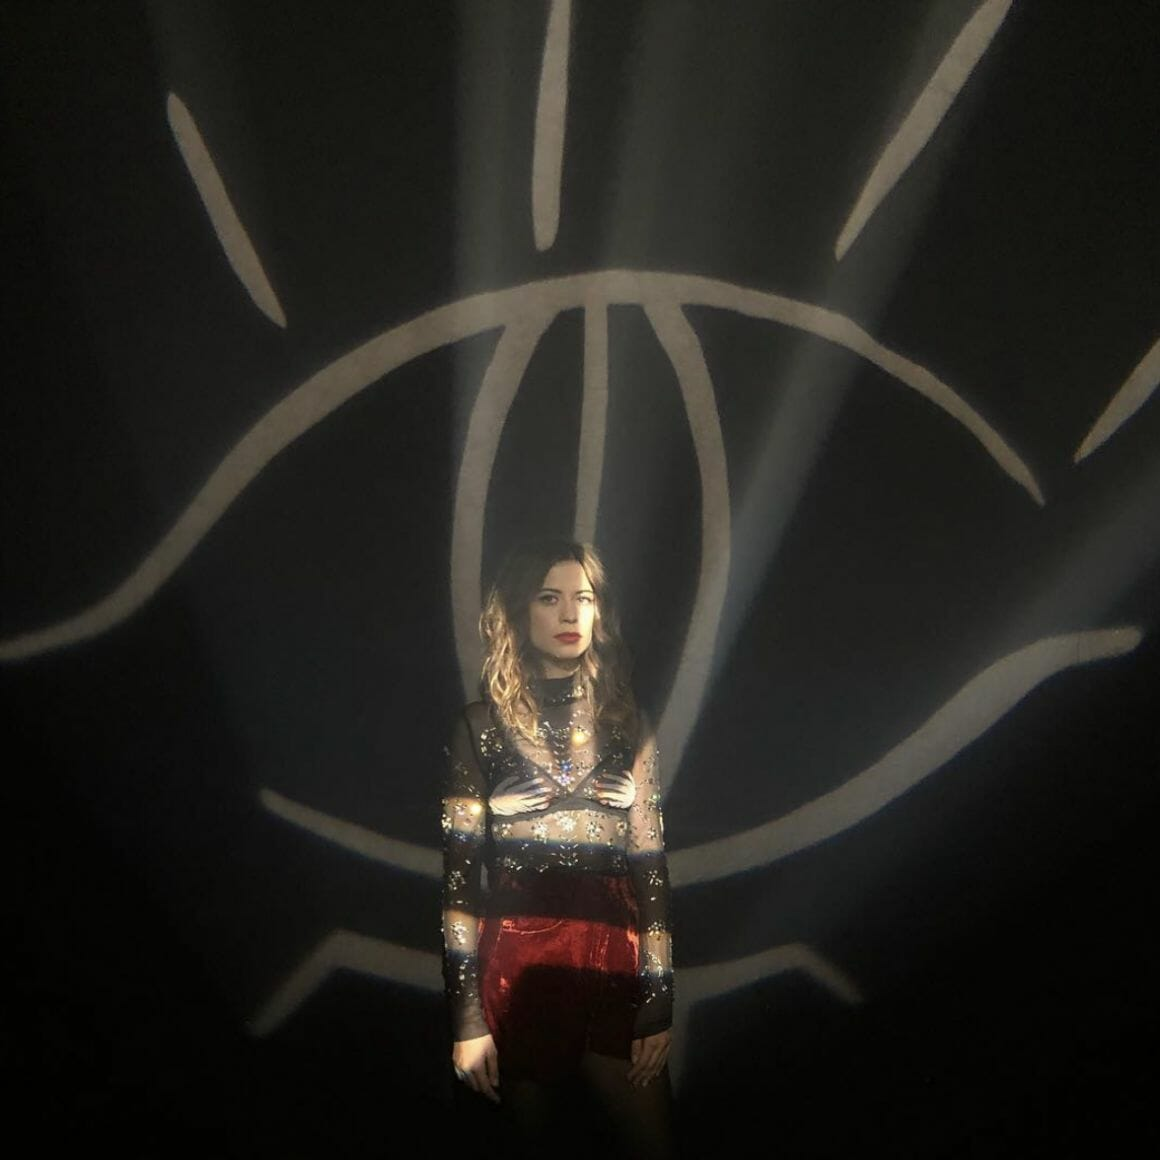 portrait de la chanteuse durant un concert